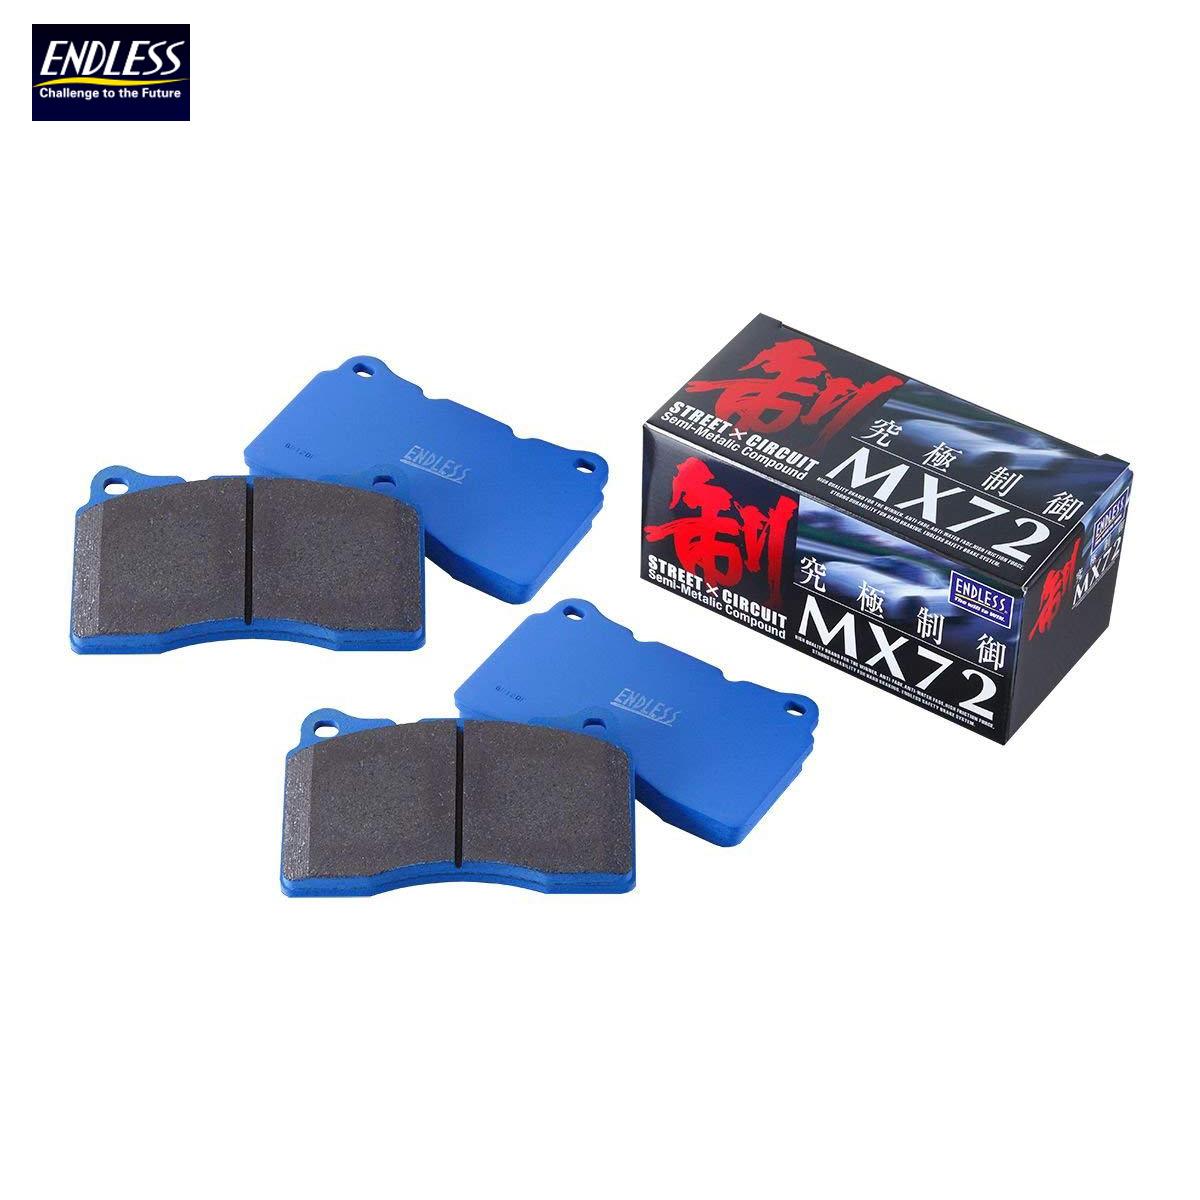 ENDLESS エンドレス ブレーキパッド MX72 フロント EP382 ヴィッツ KSP130 NSP130